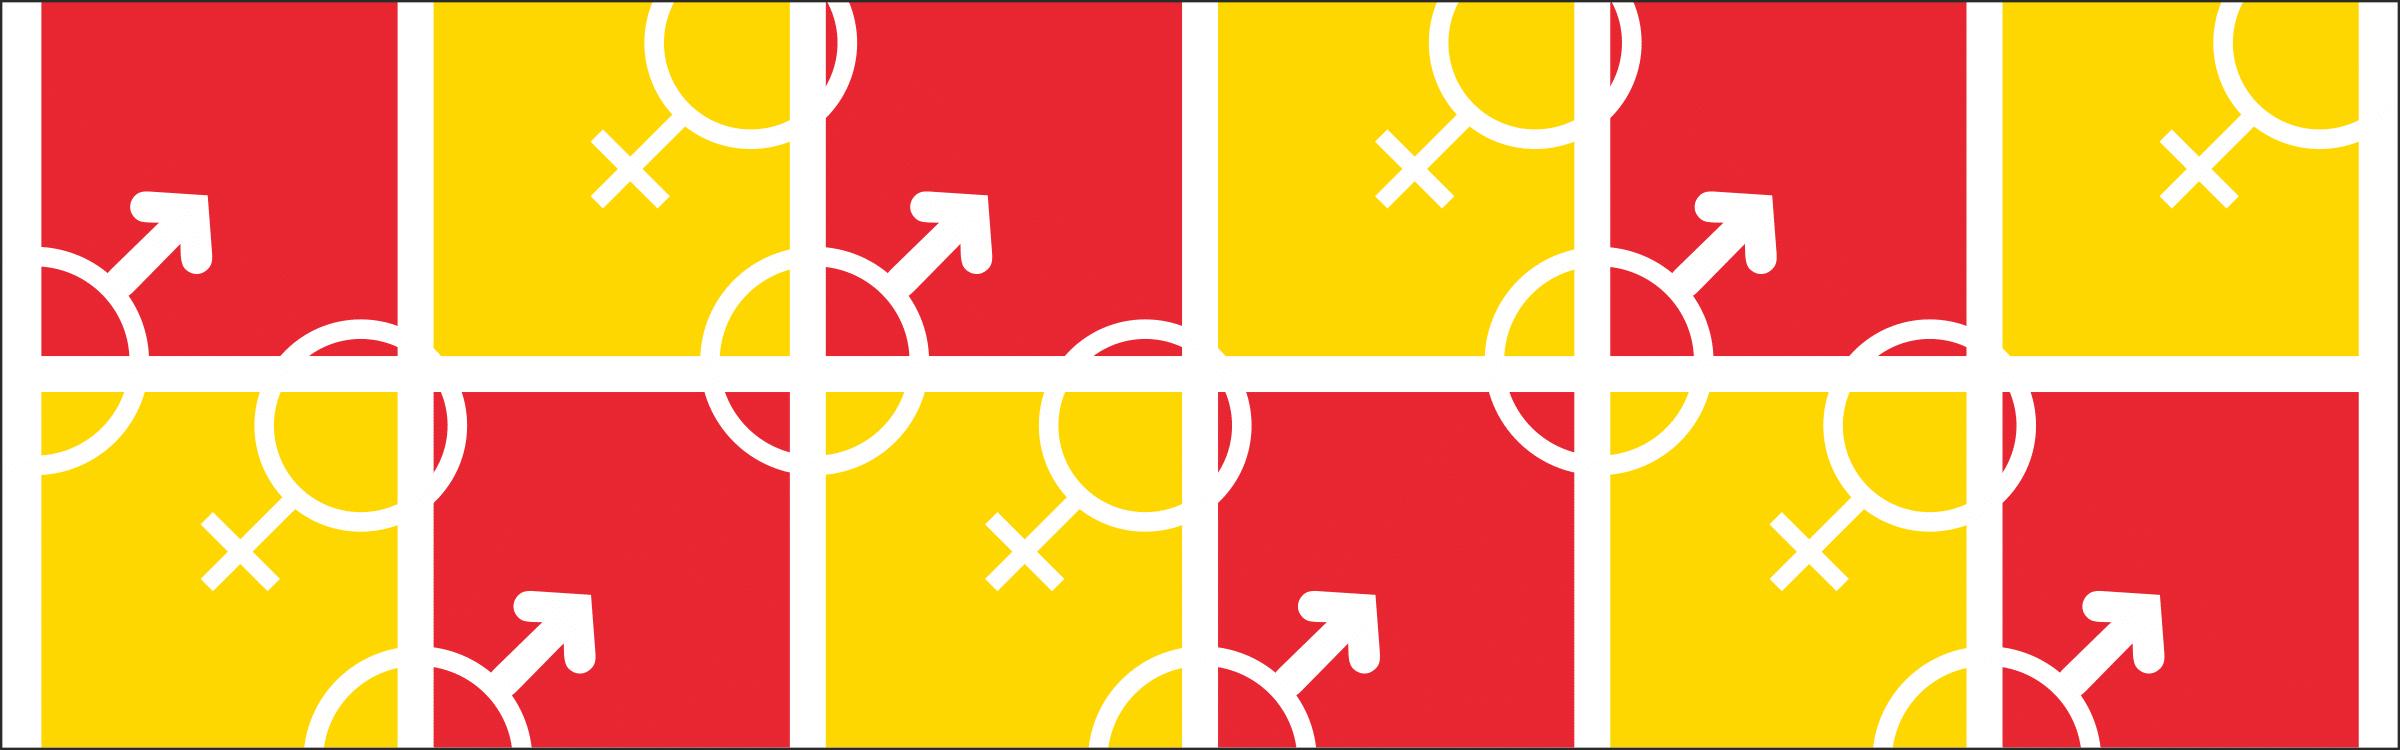 Bild Chancengleichheit, Gleiche Arbeit